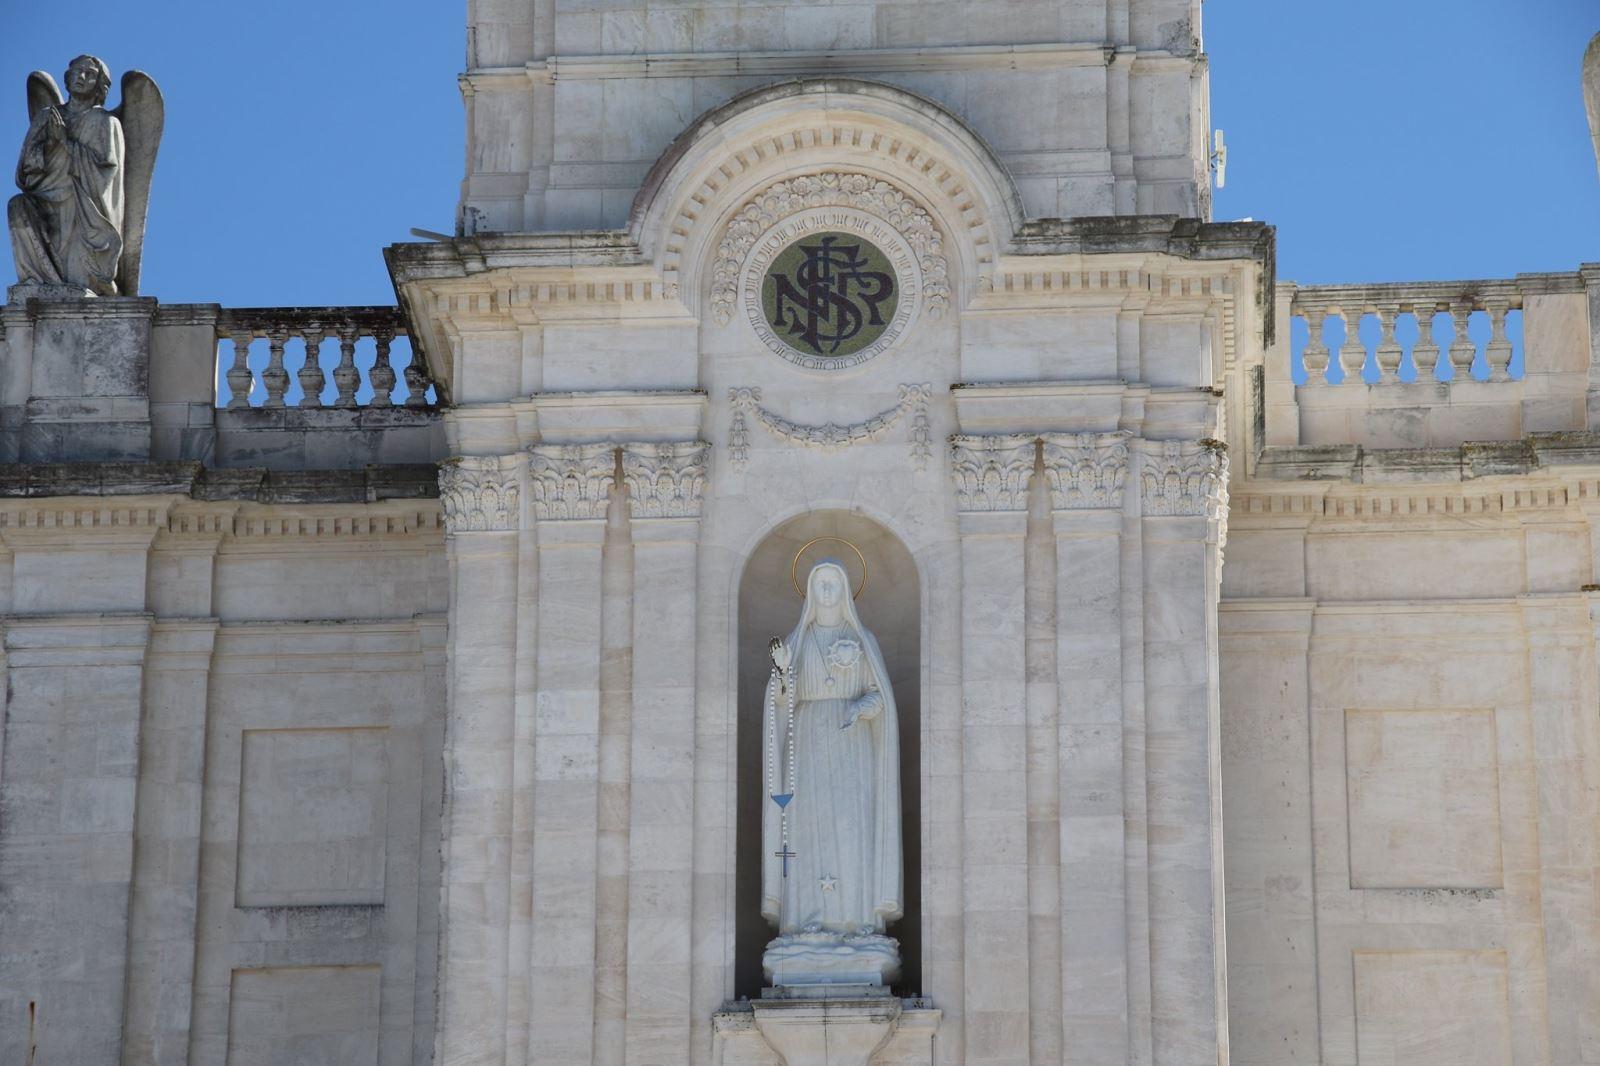 011 - Đại lễ Đức Mẹ Hồn Xác Lên Trời tại Fatima, Bồ Đào Nha